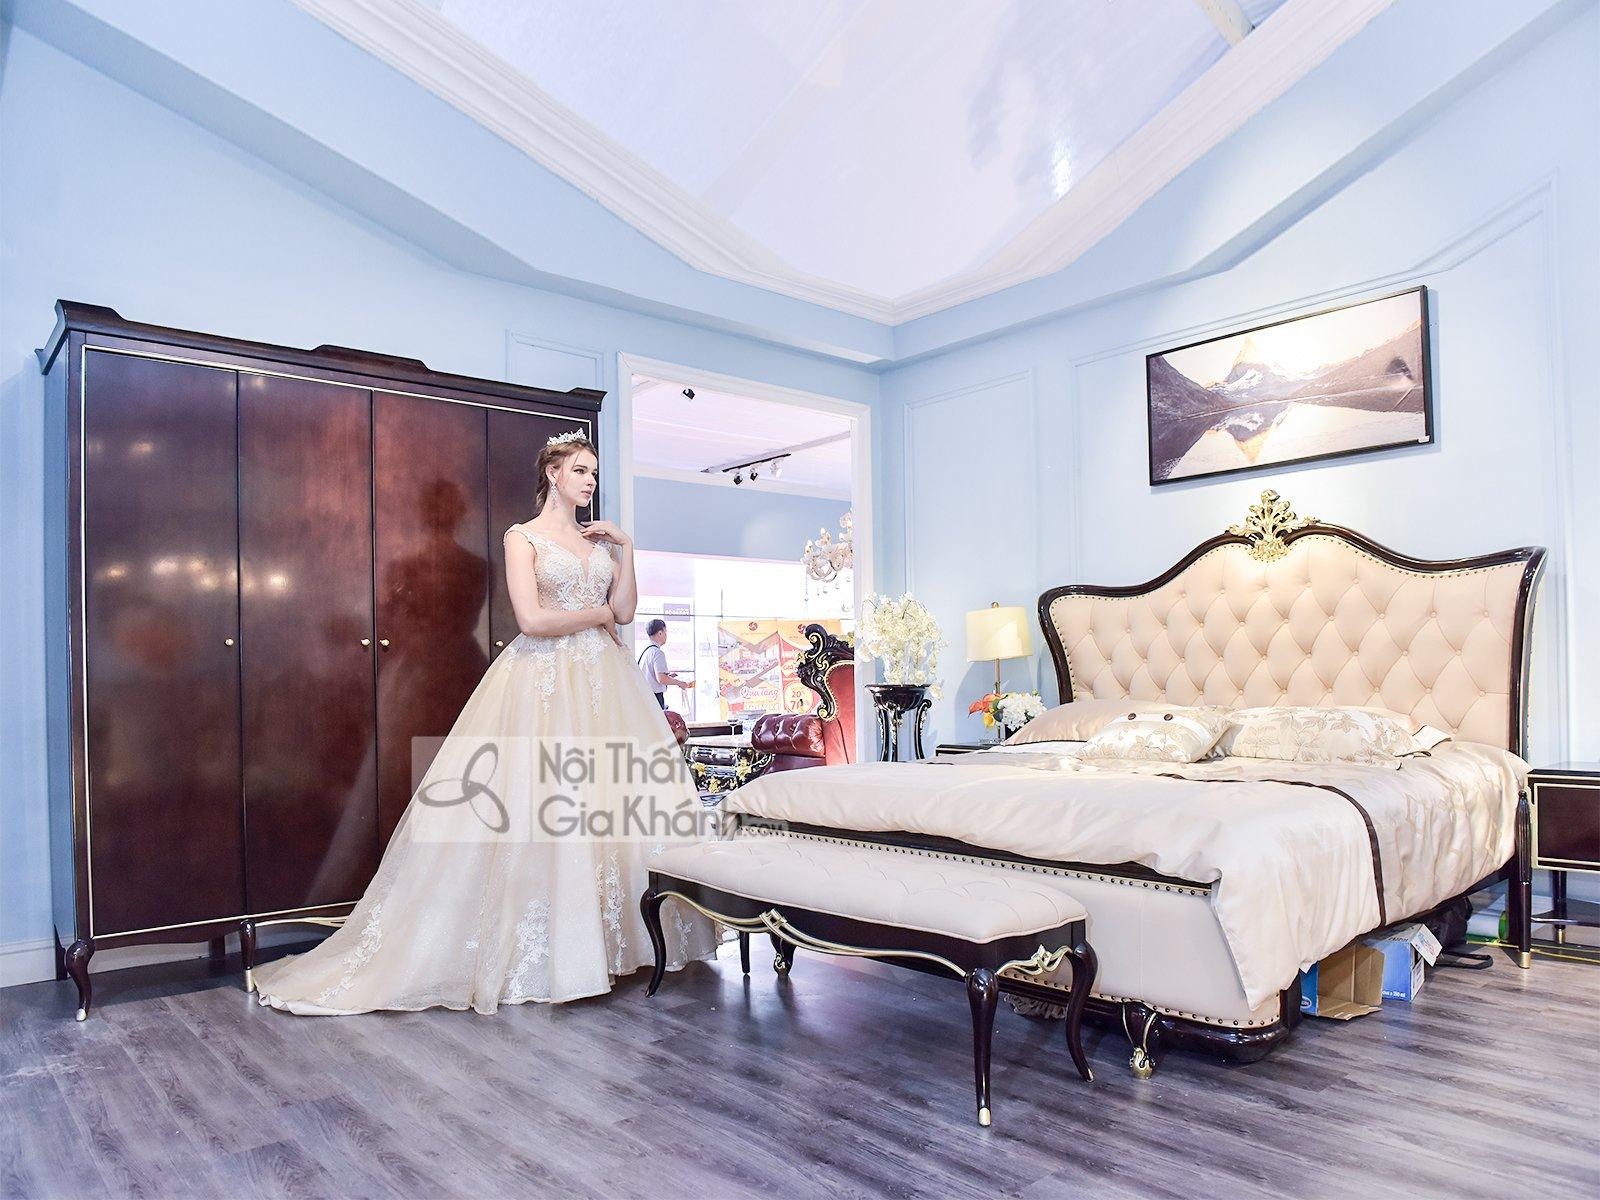 Giường ngủ tân cổ điển nhập khẩu sang trọng GI302-18